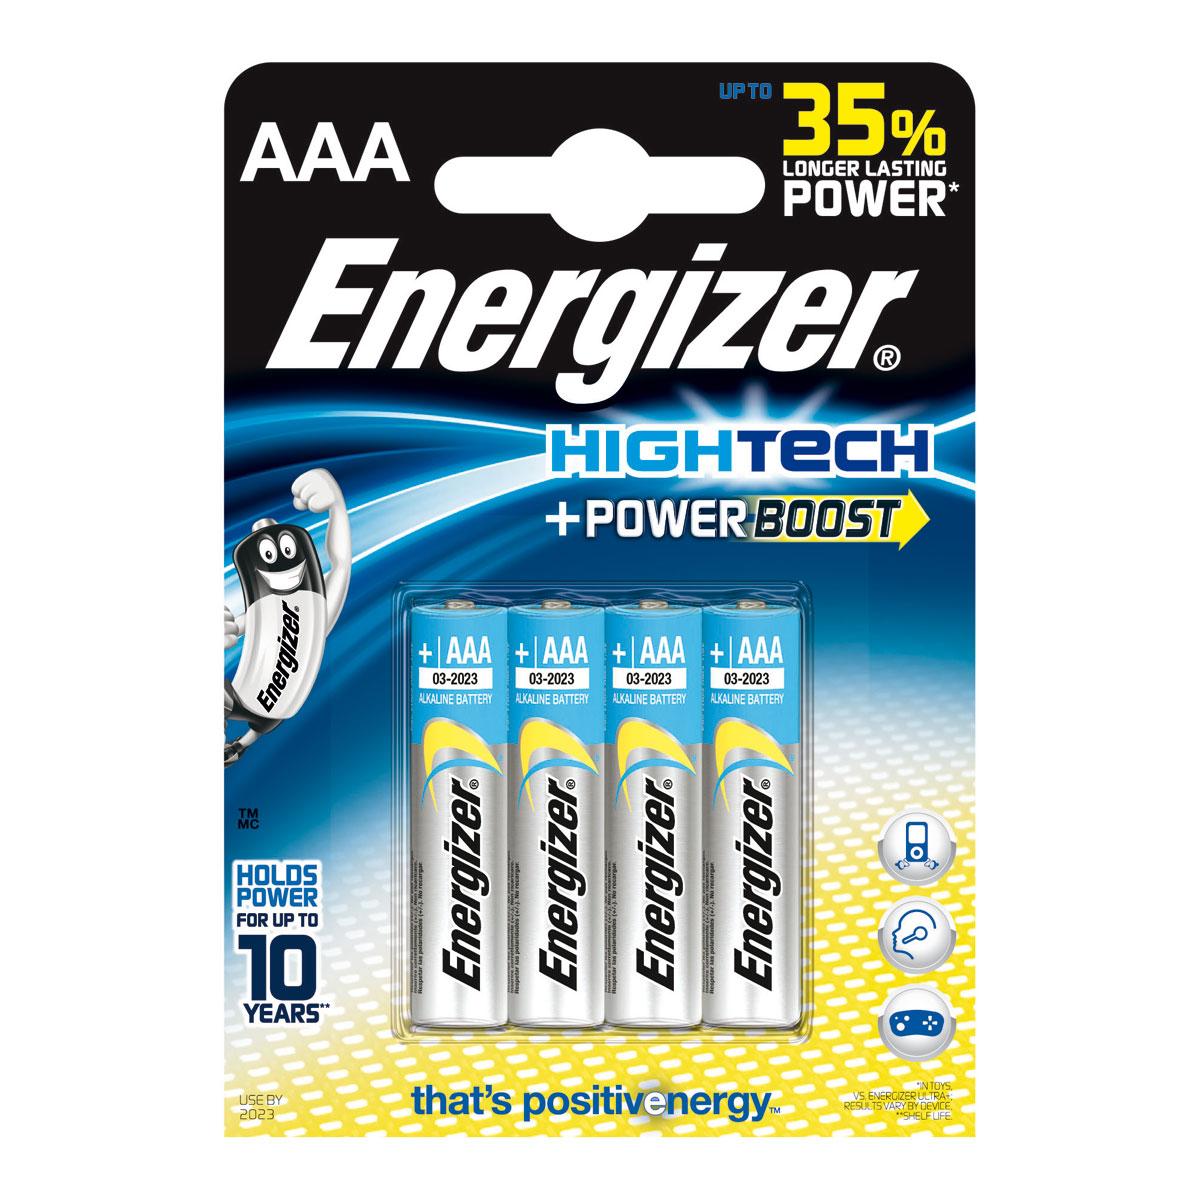 Pile & accu Energizer HighTech PowerBoost AAA (par 4) Pack de 4 piles alcalines AAA (LR03) à hautes performances